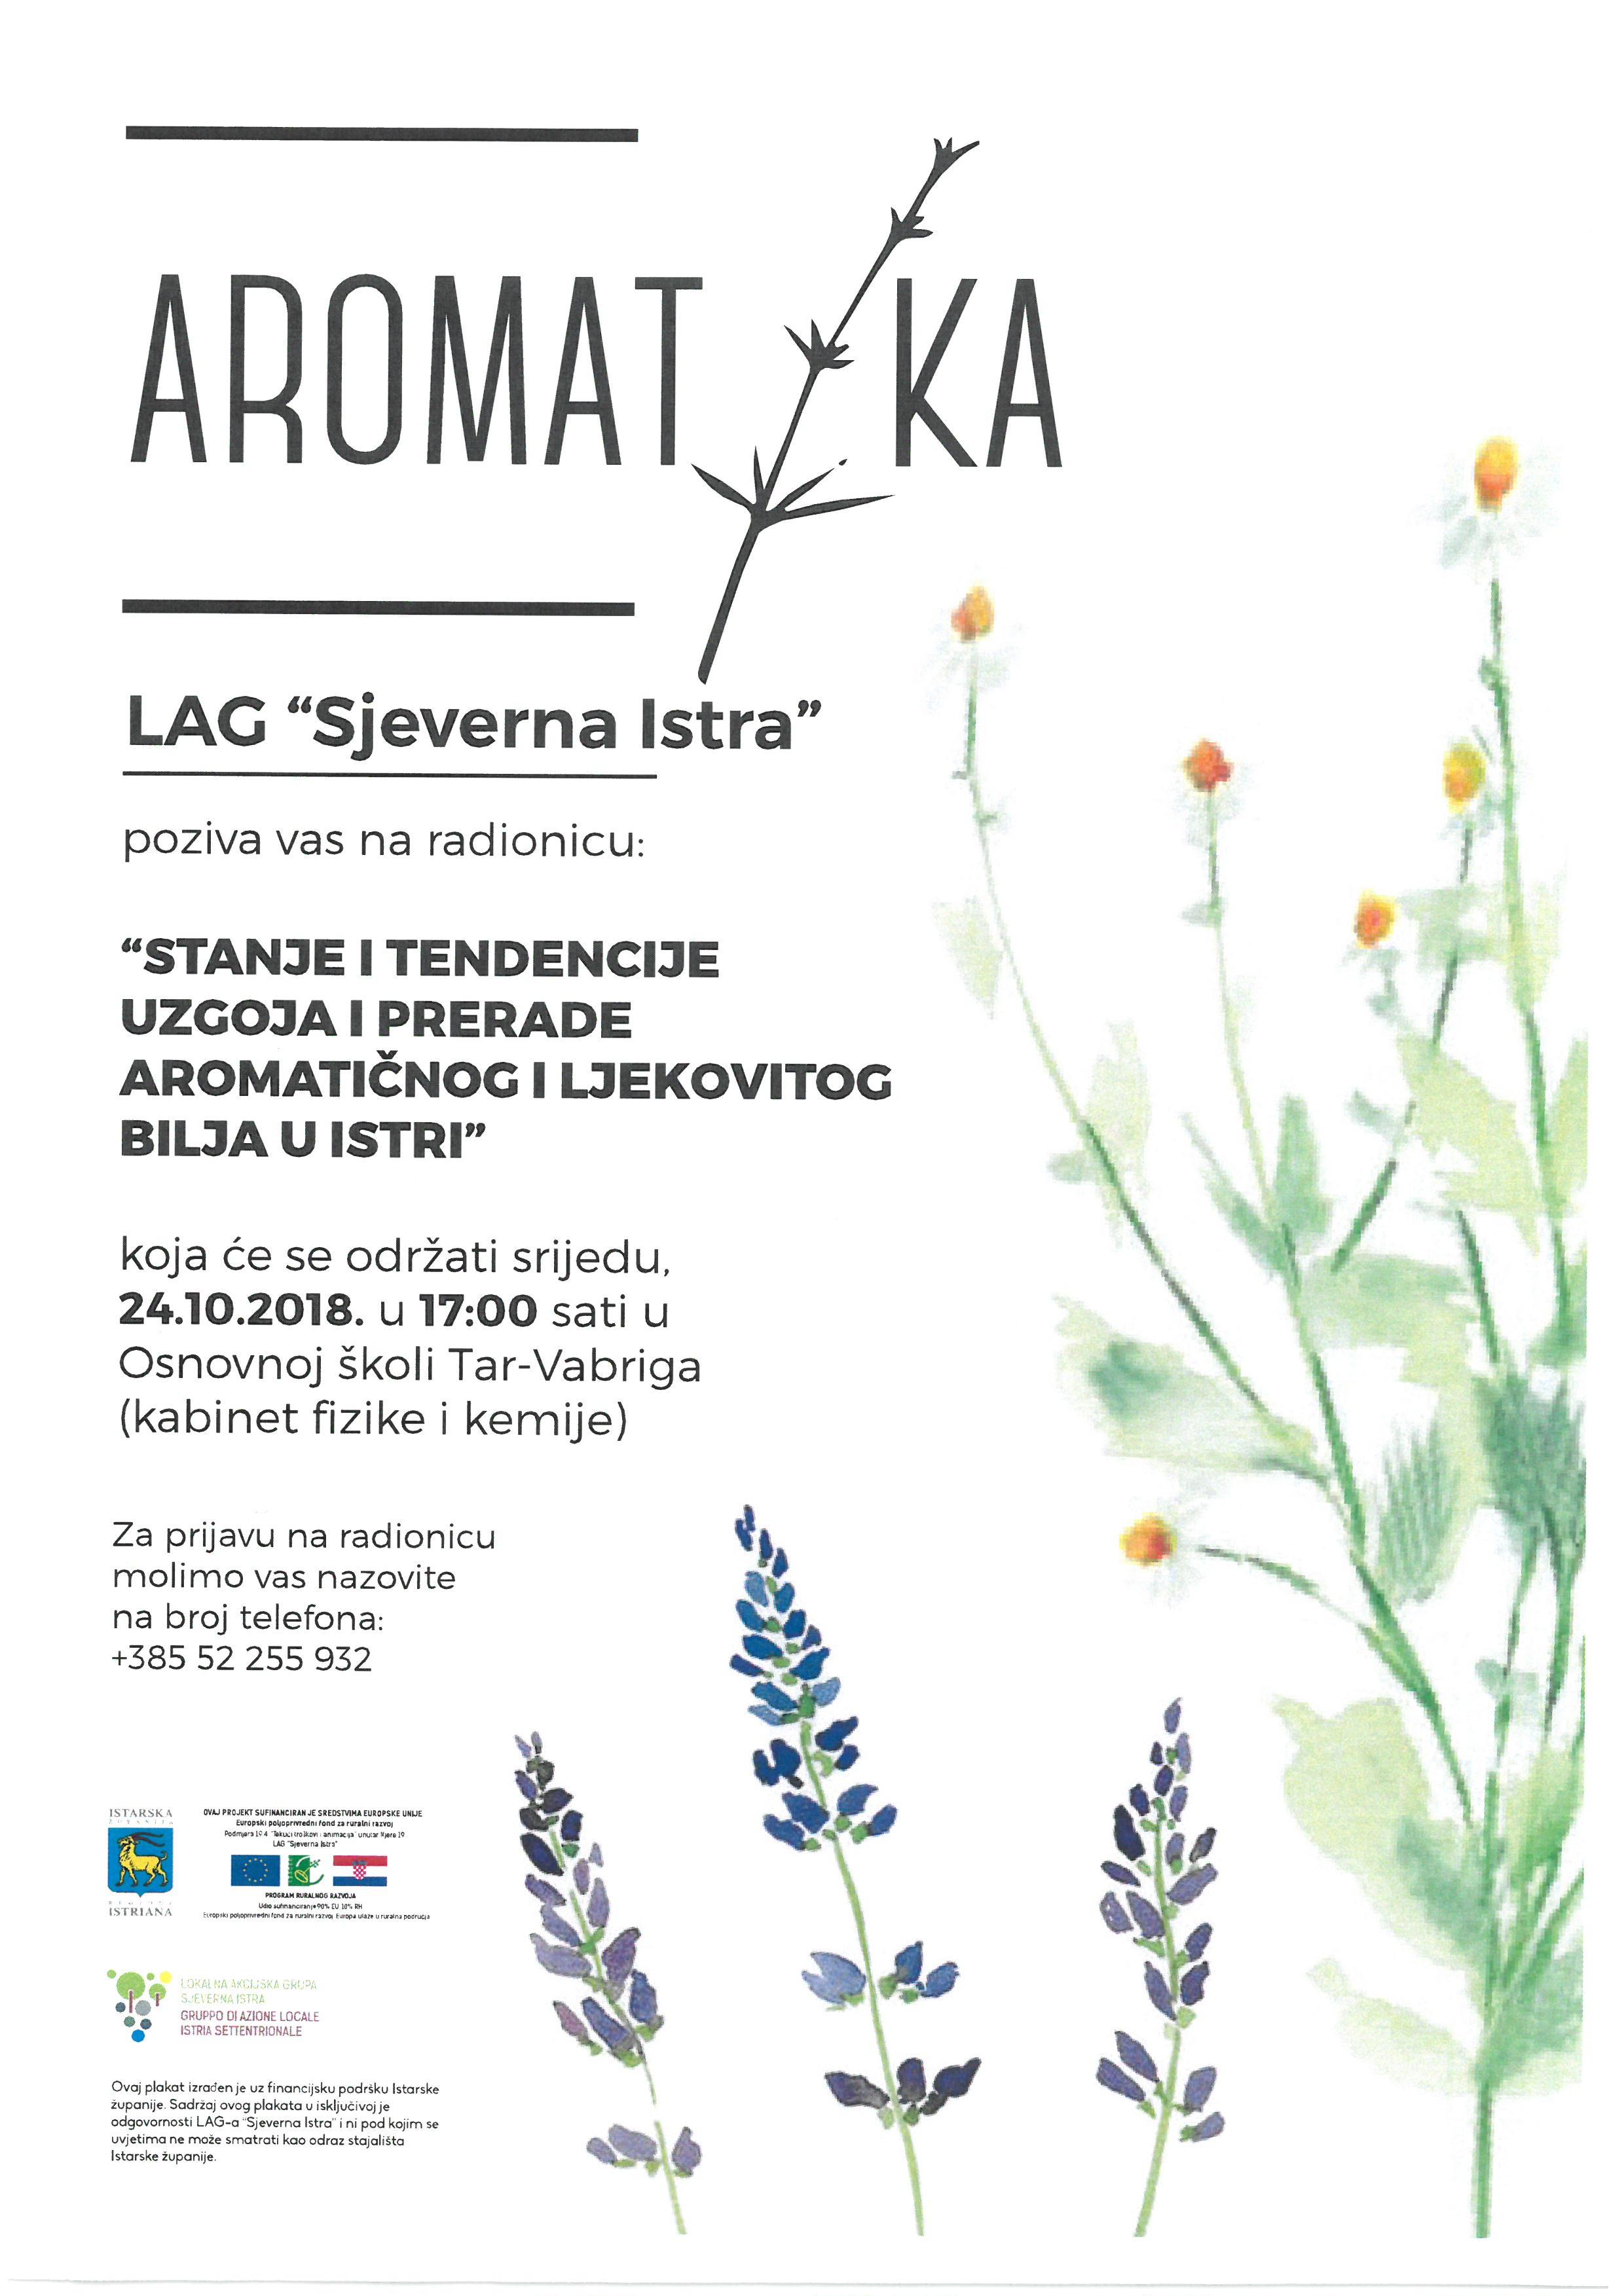 https://novigrad.hr/Besplatna_radionica_Stanje_i_tendencije_uzgoja_i_prerade_aromatinog_i_lje